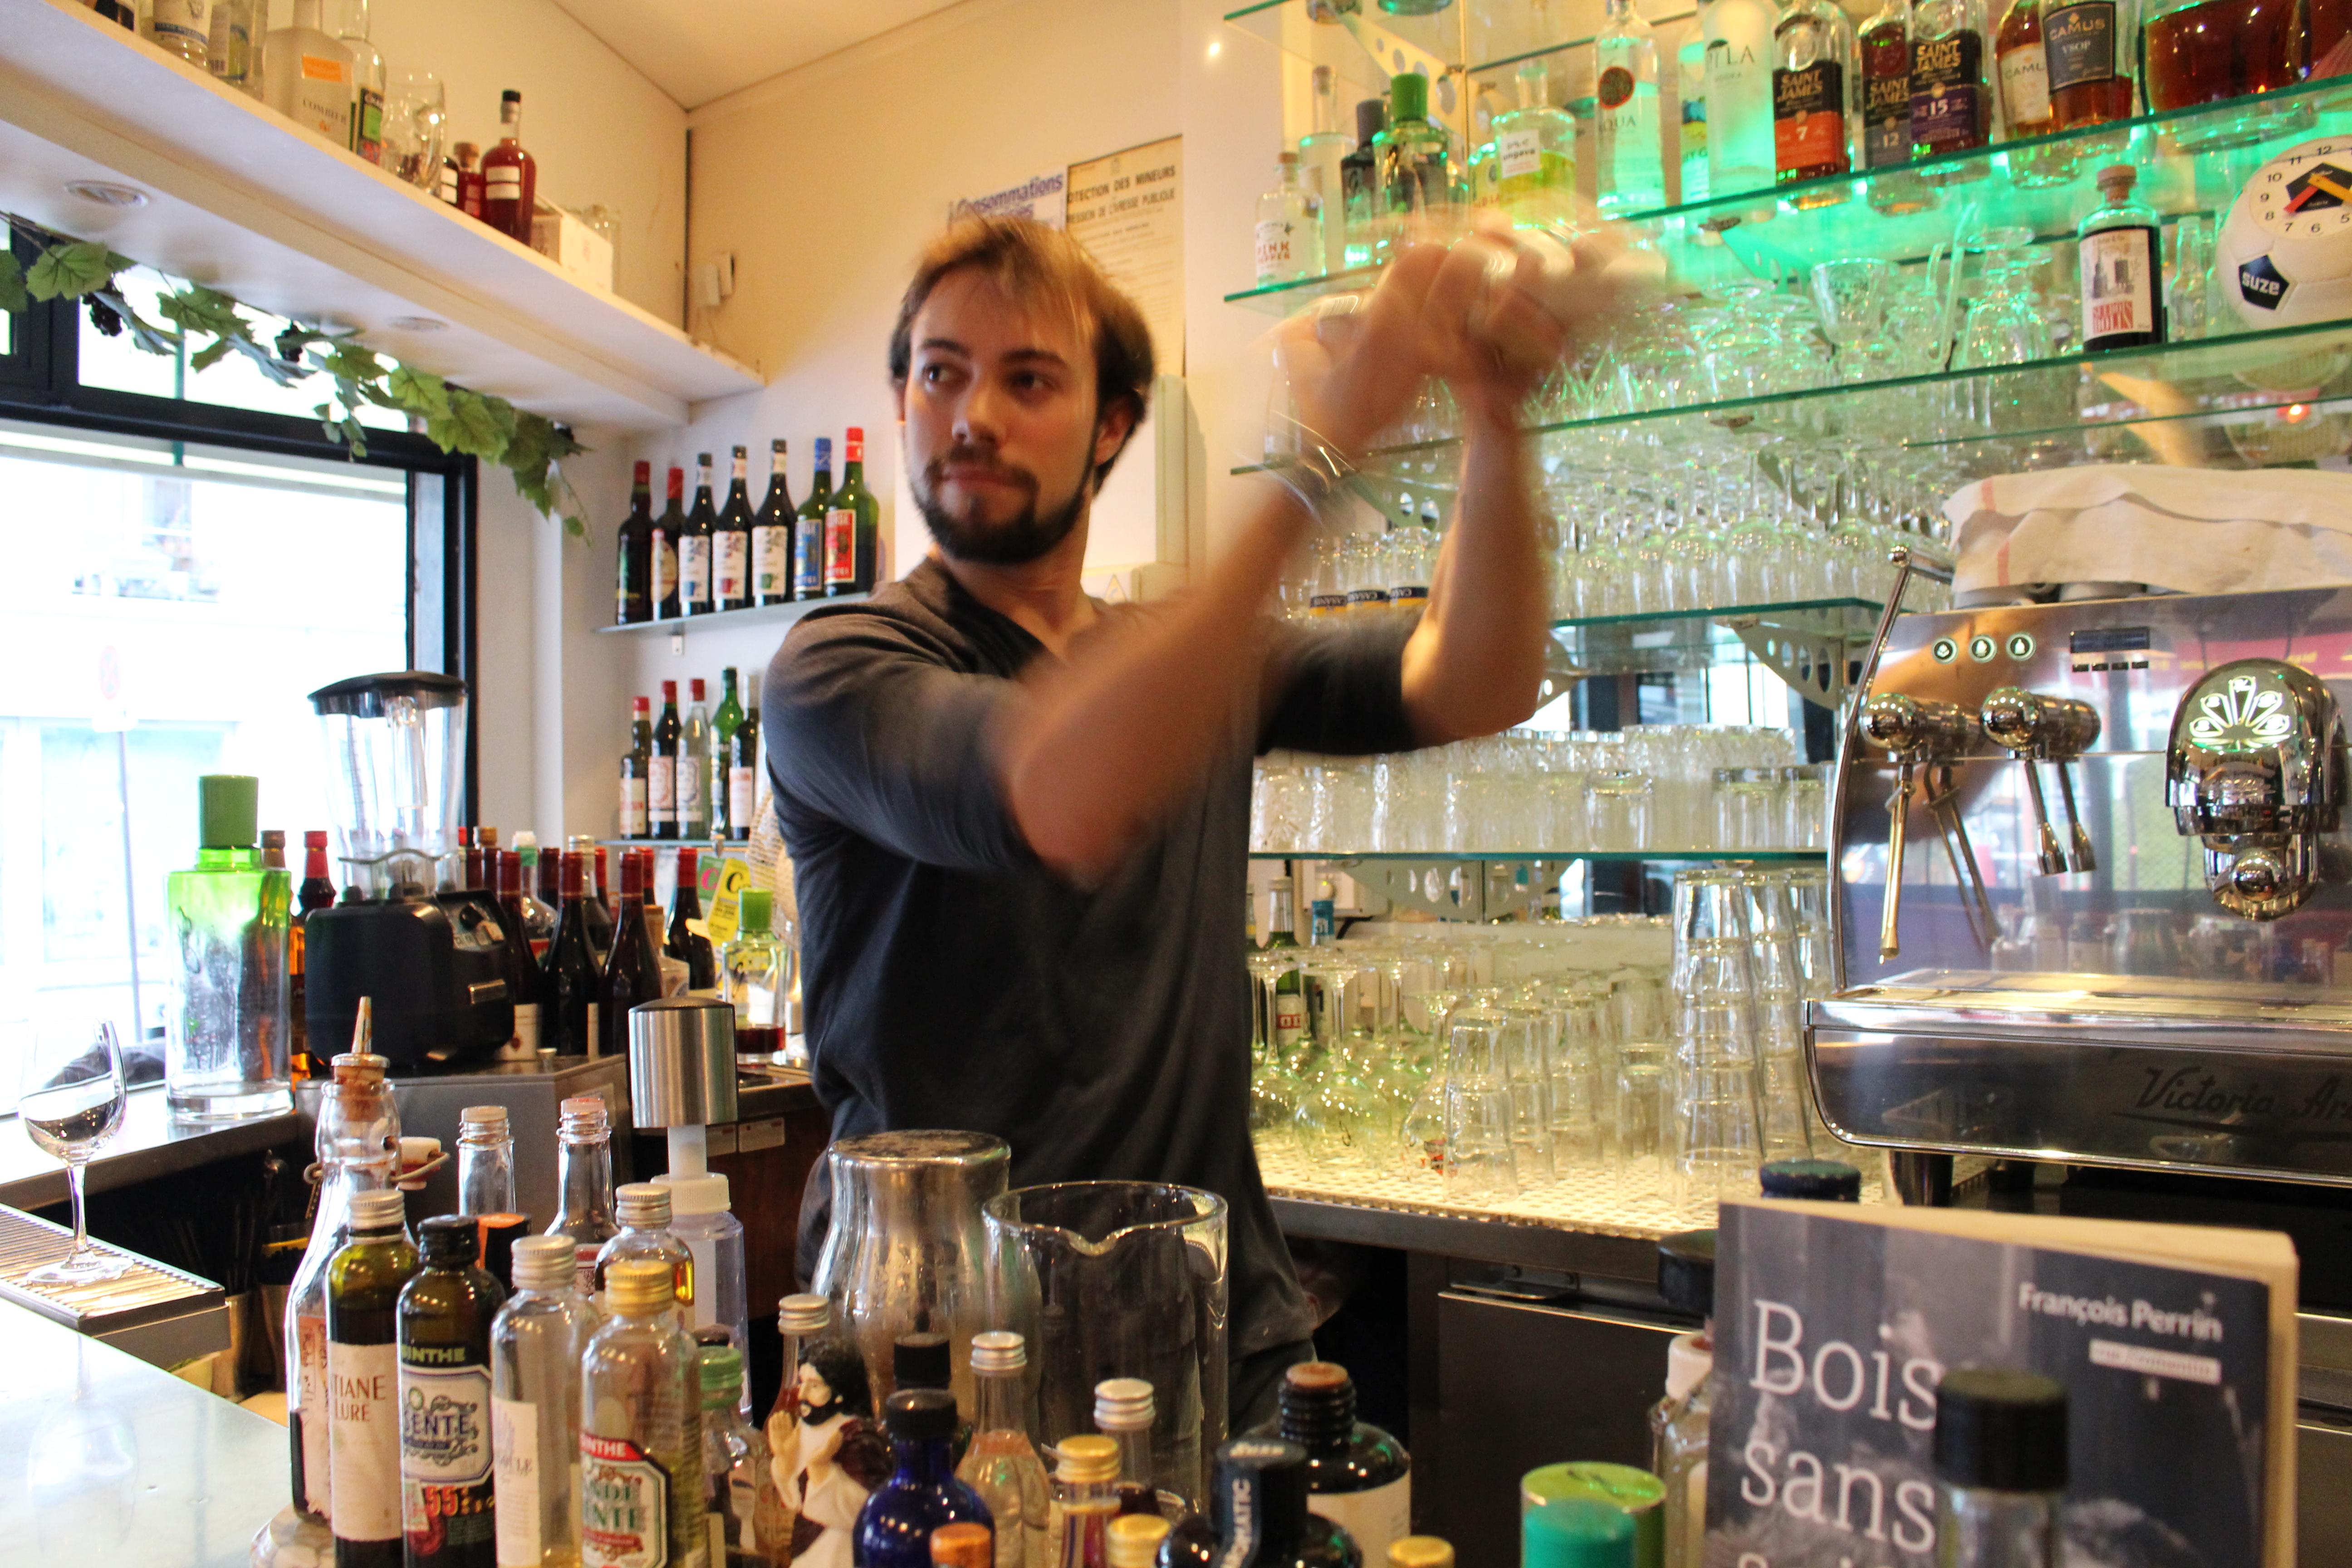 HiP Paris A La Francaise barman Tristan Simon